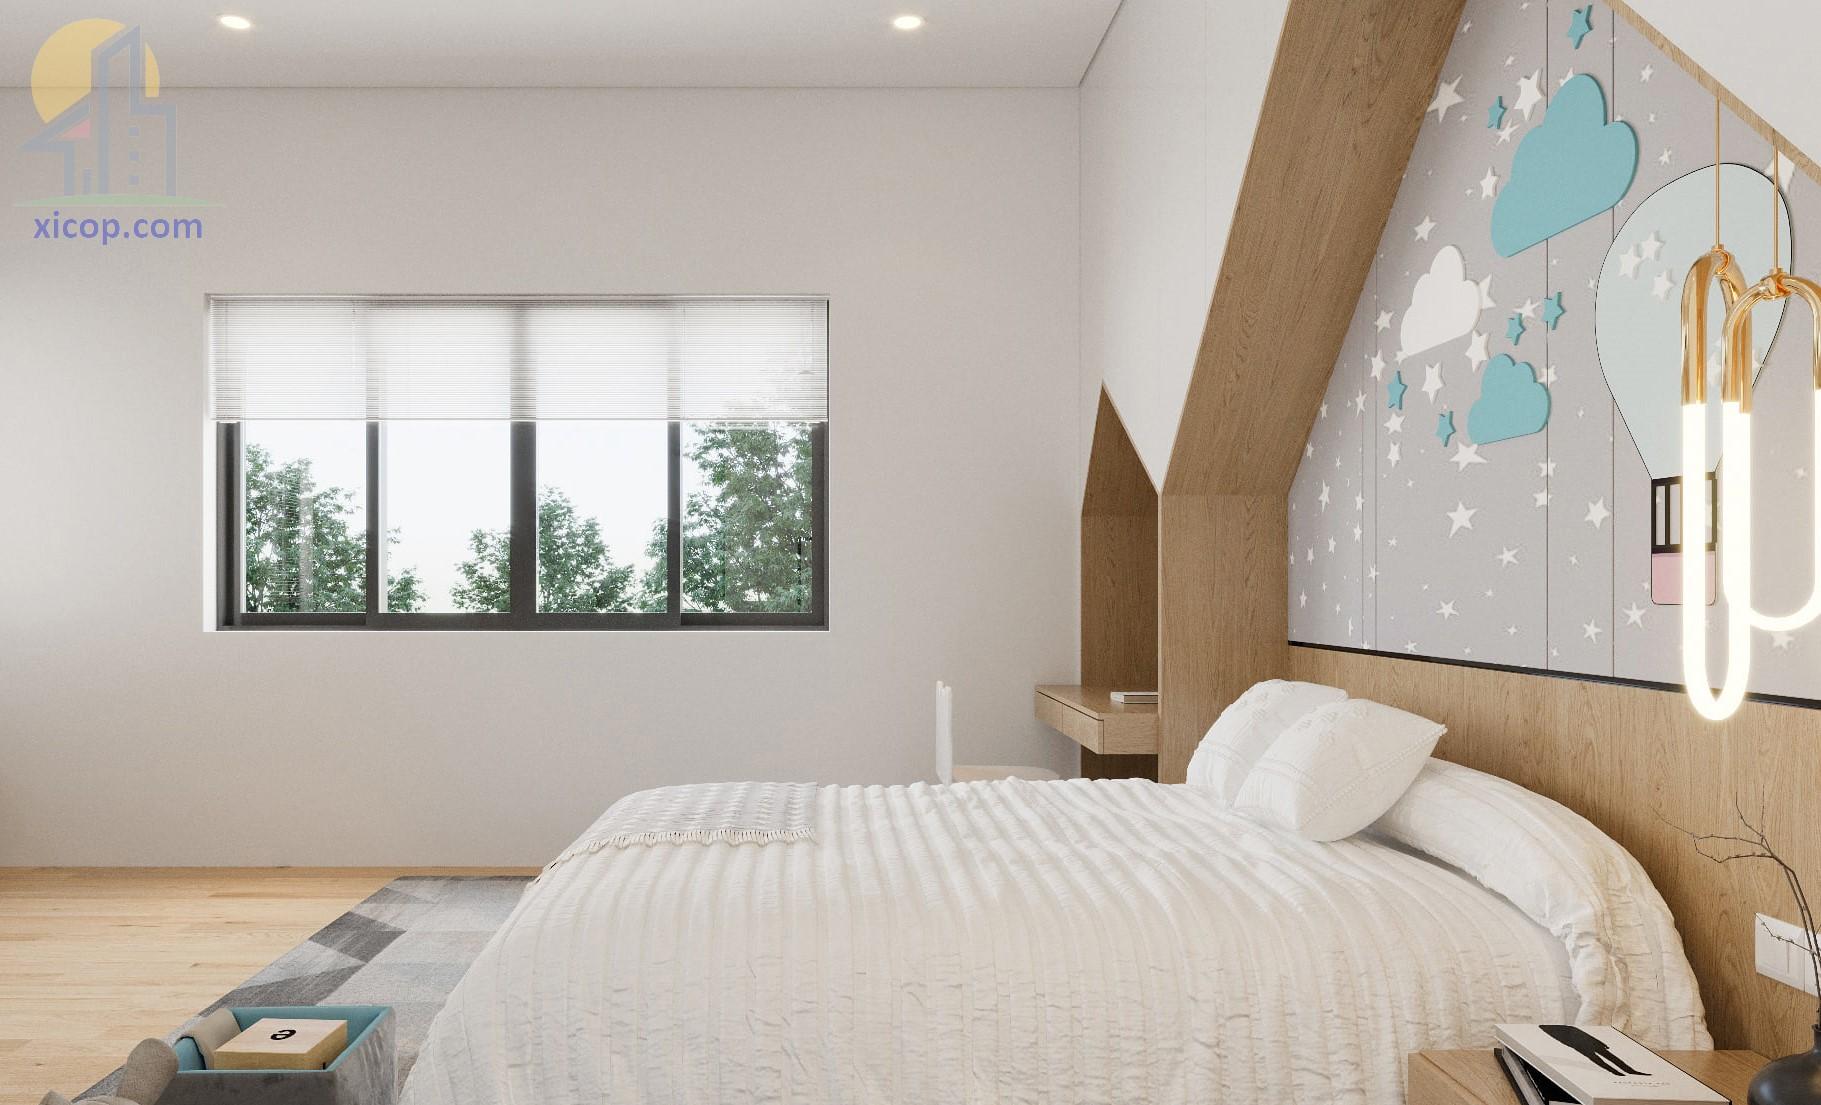 Biệt thự 2 tầng đơn giản với mẫu nhà biệt thự hai tầng thiết kế đẹp